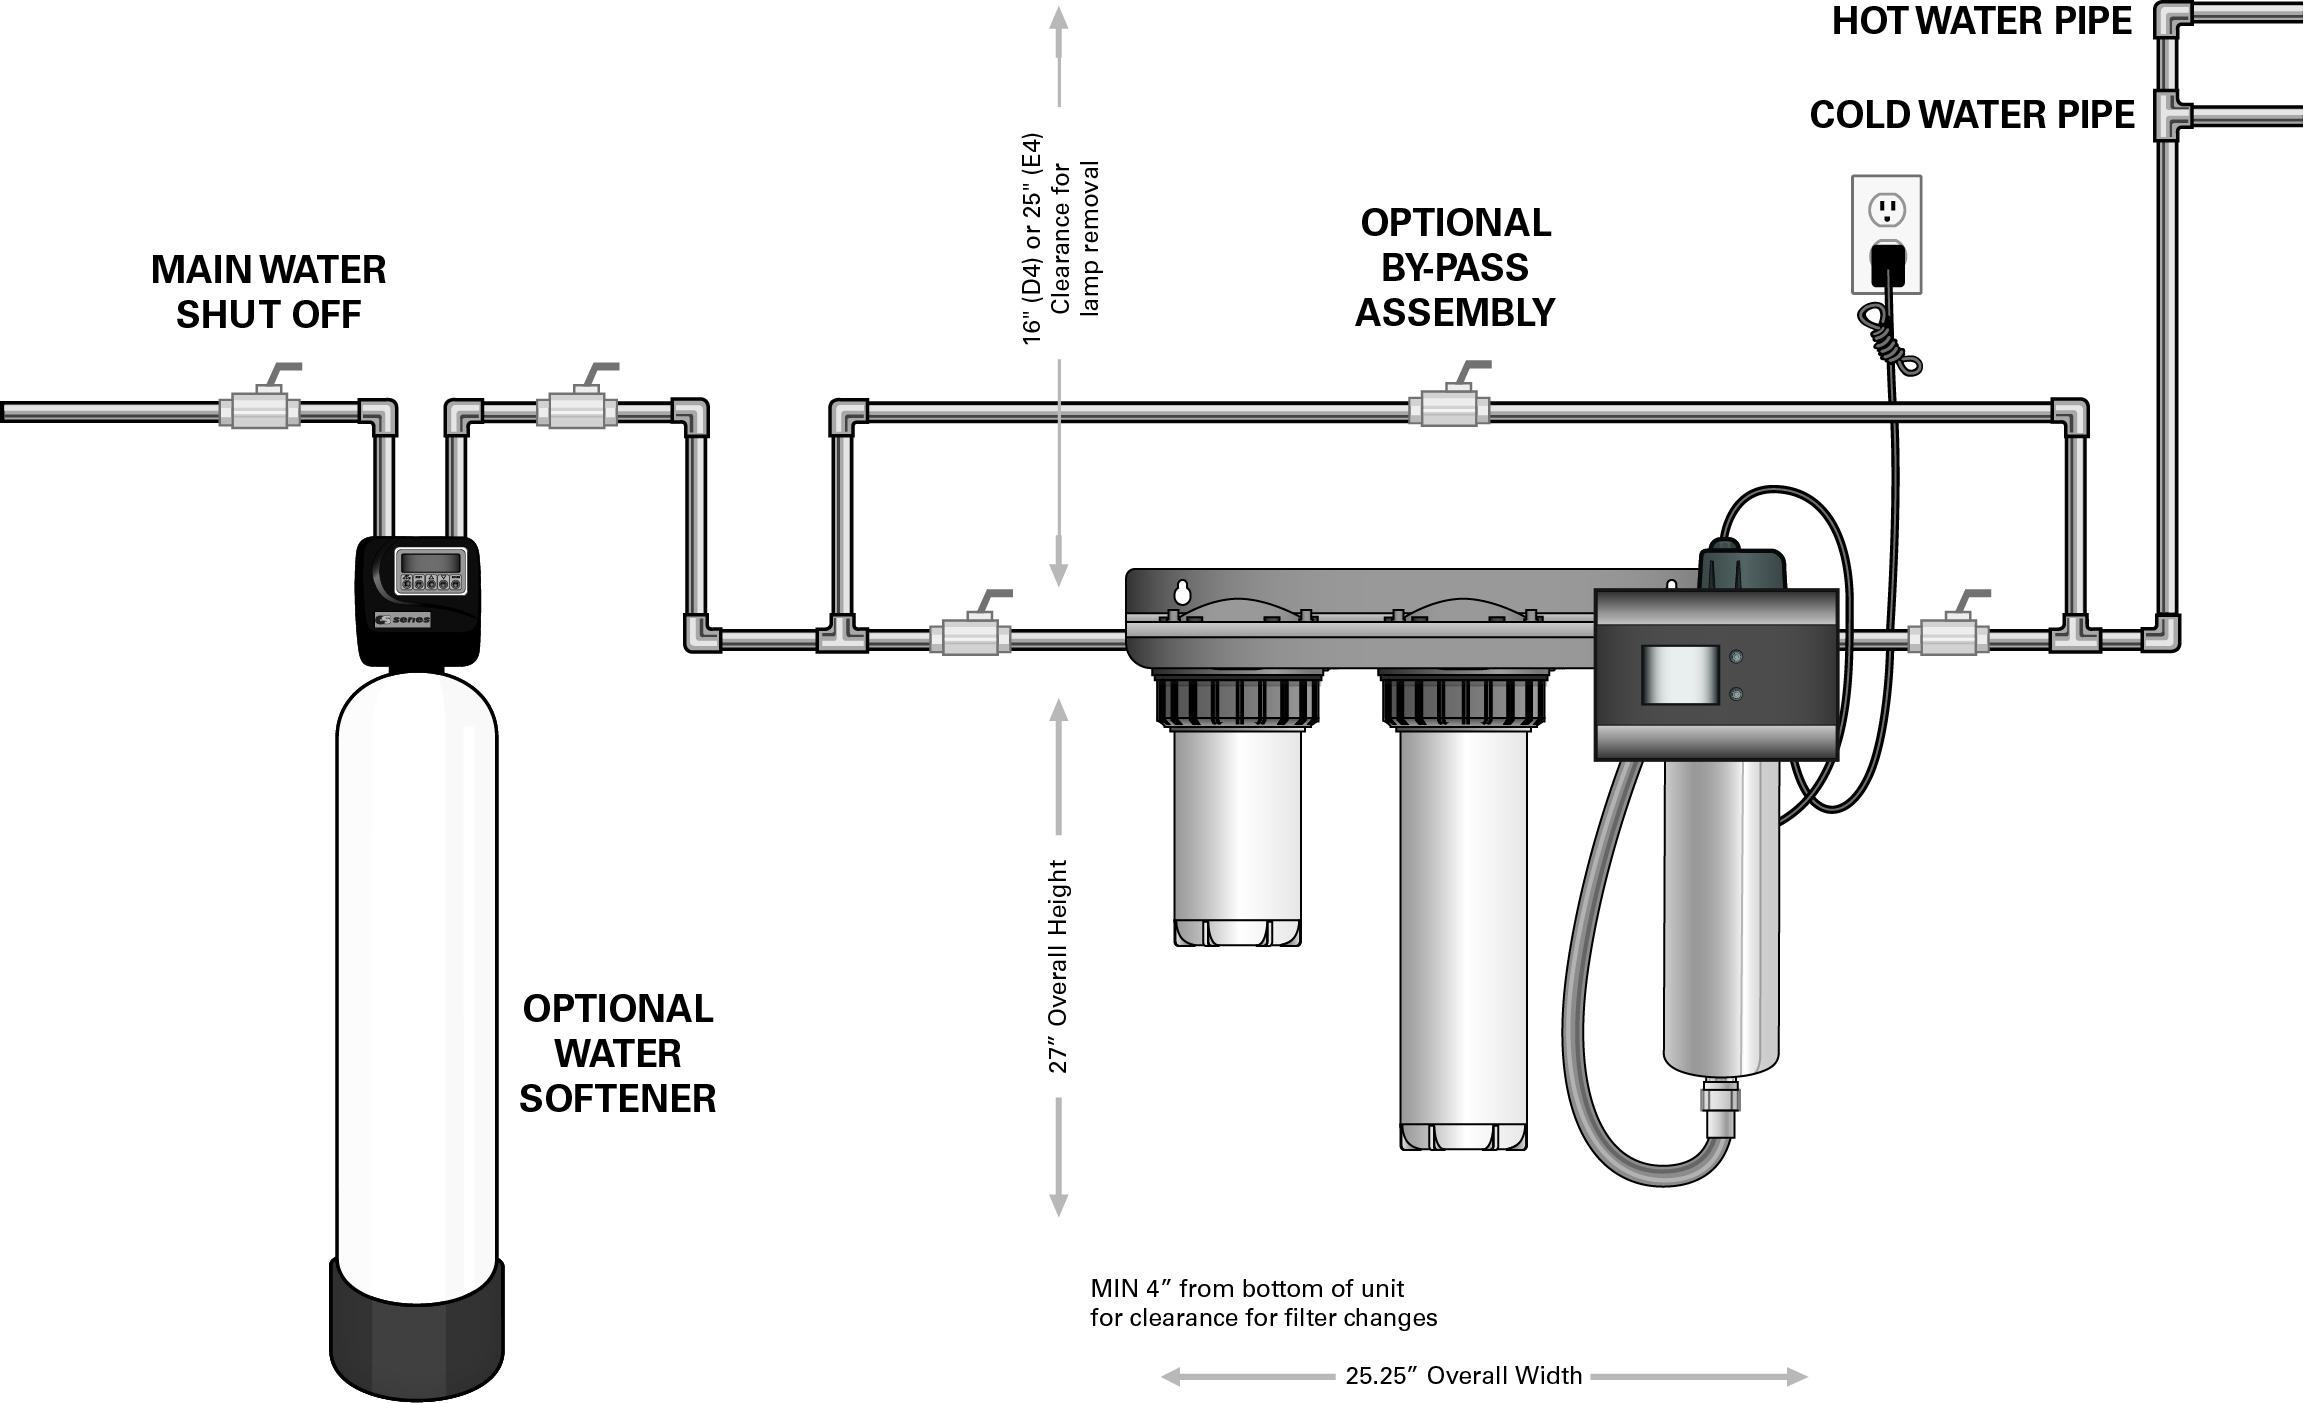 ihs-schematic.jpg